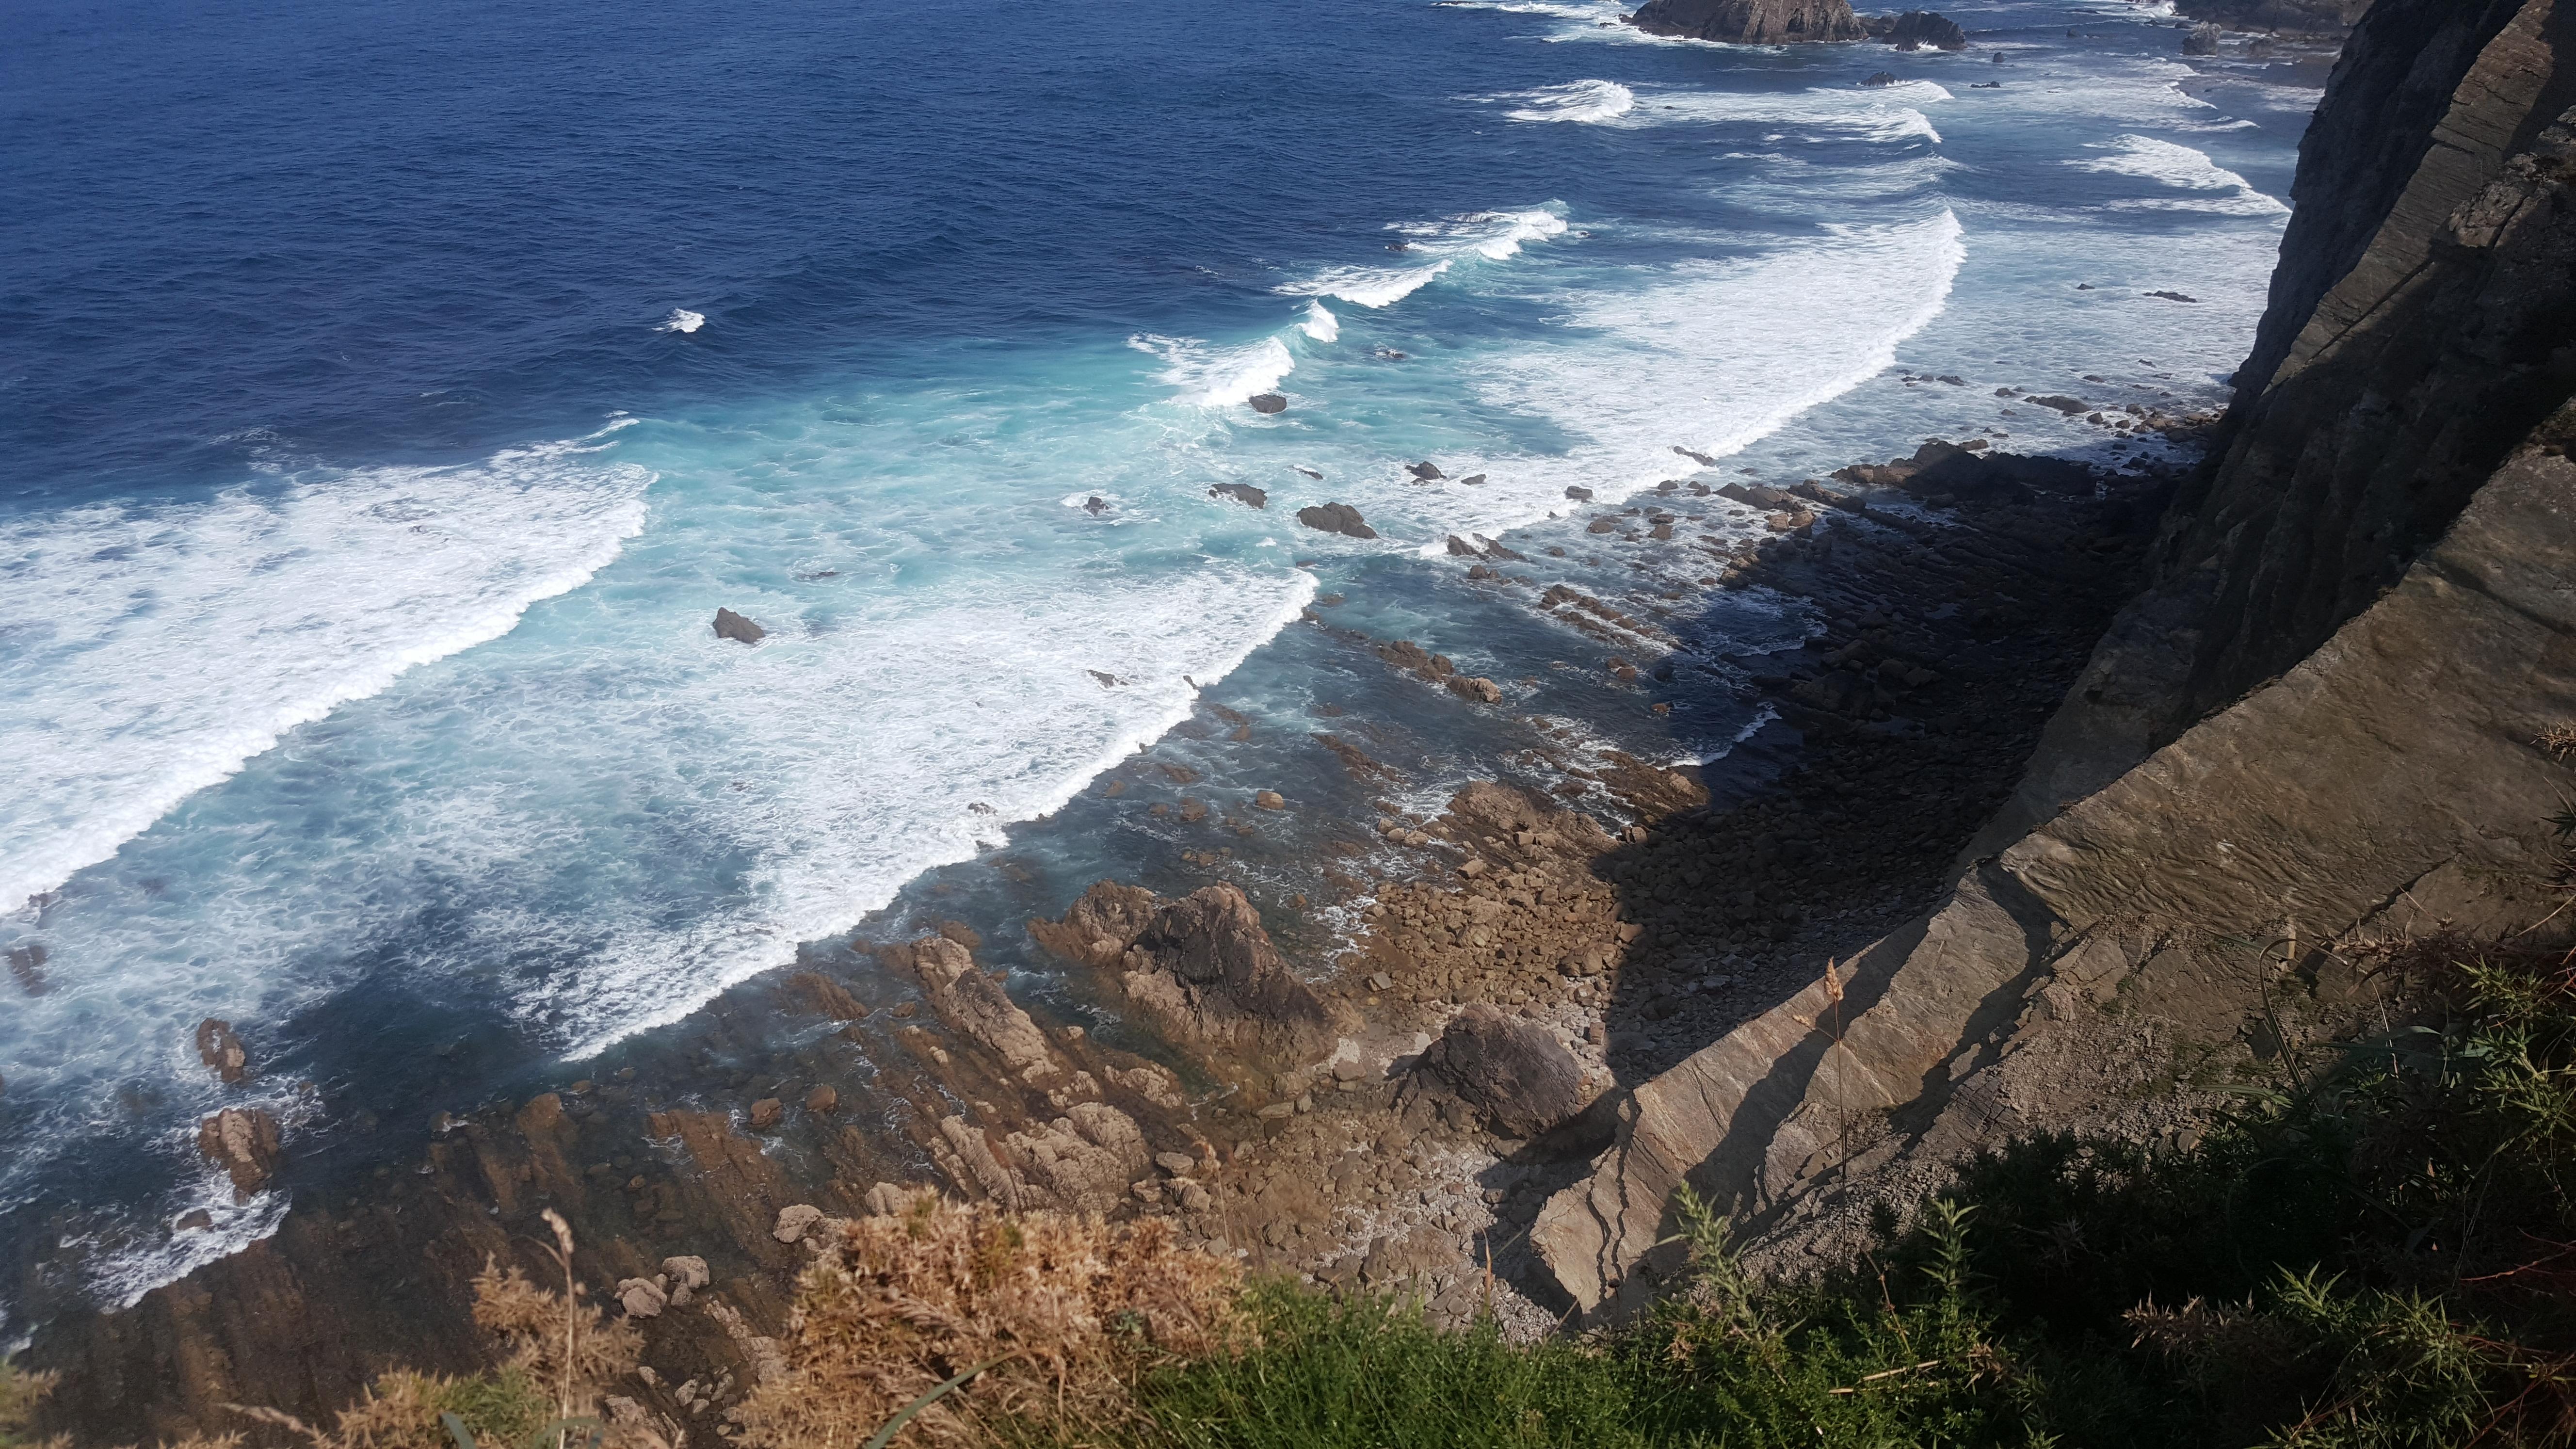 El mar, azul intenso visualizado desde lo alto de un acantalidado